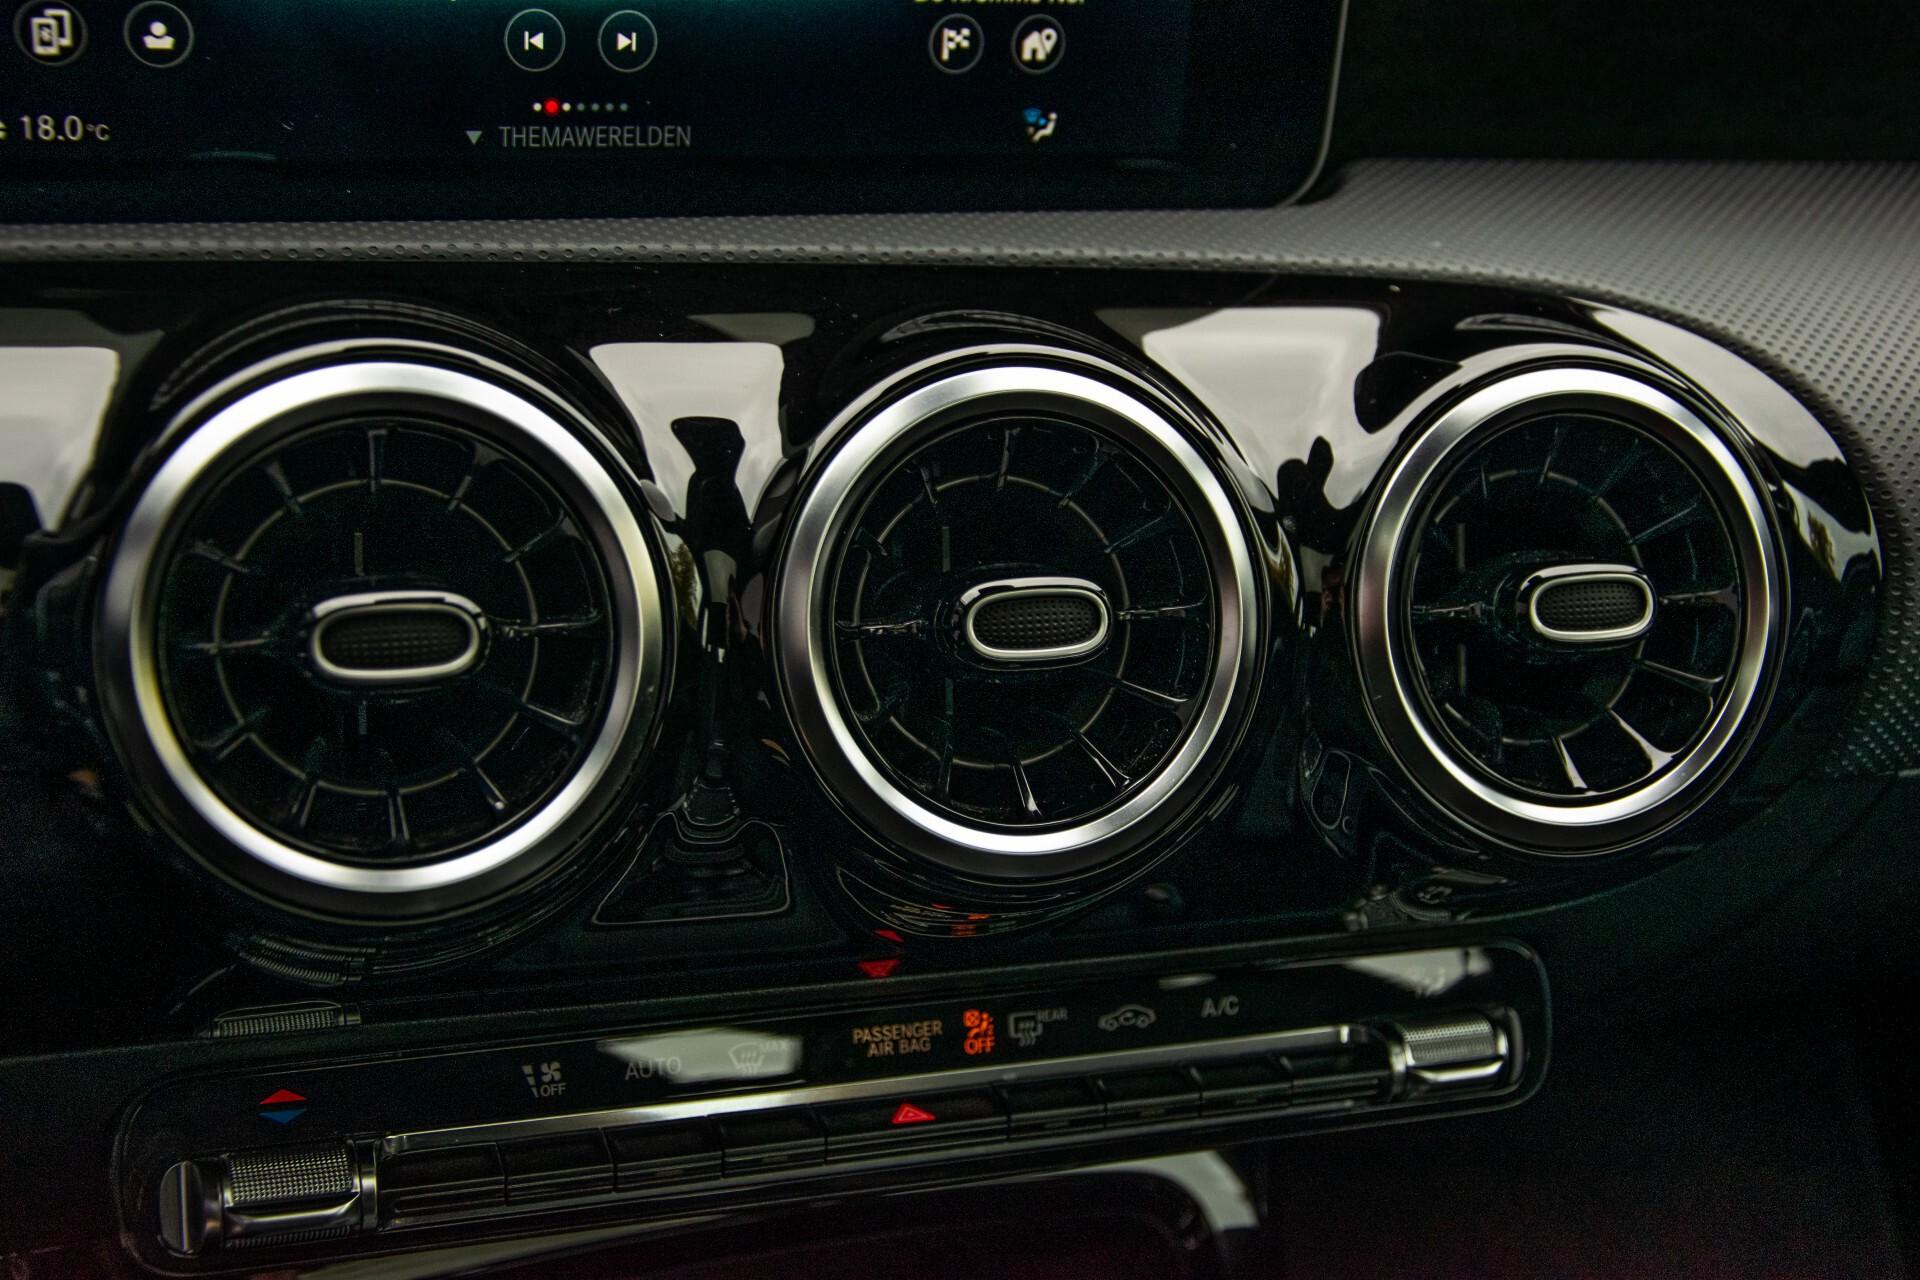 Mercedes-Benz A-Klasse 180 d AMG Panorama/MBUX/DAB/LED Aut7 Foto 16